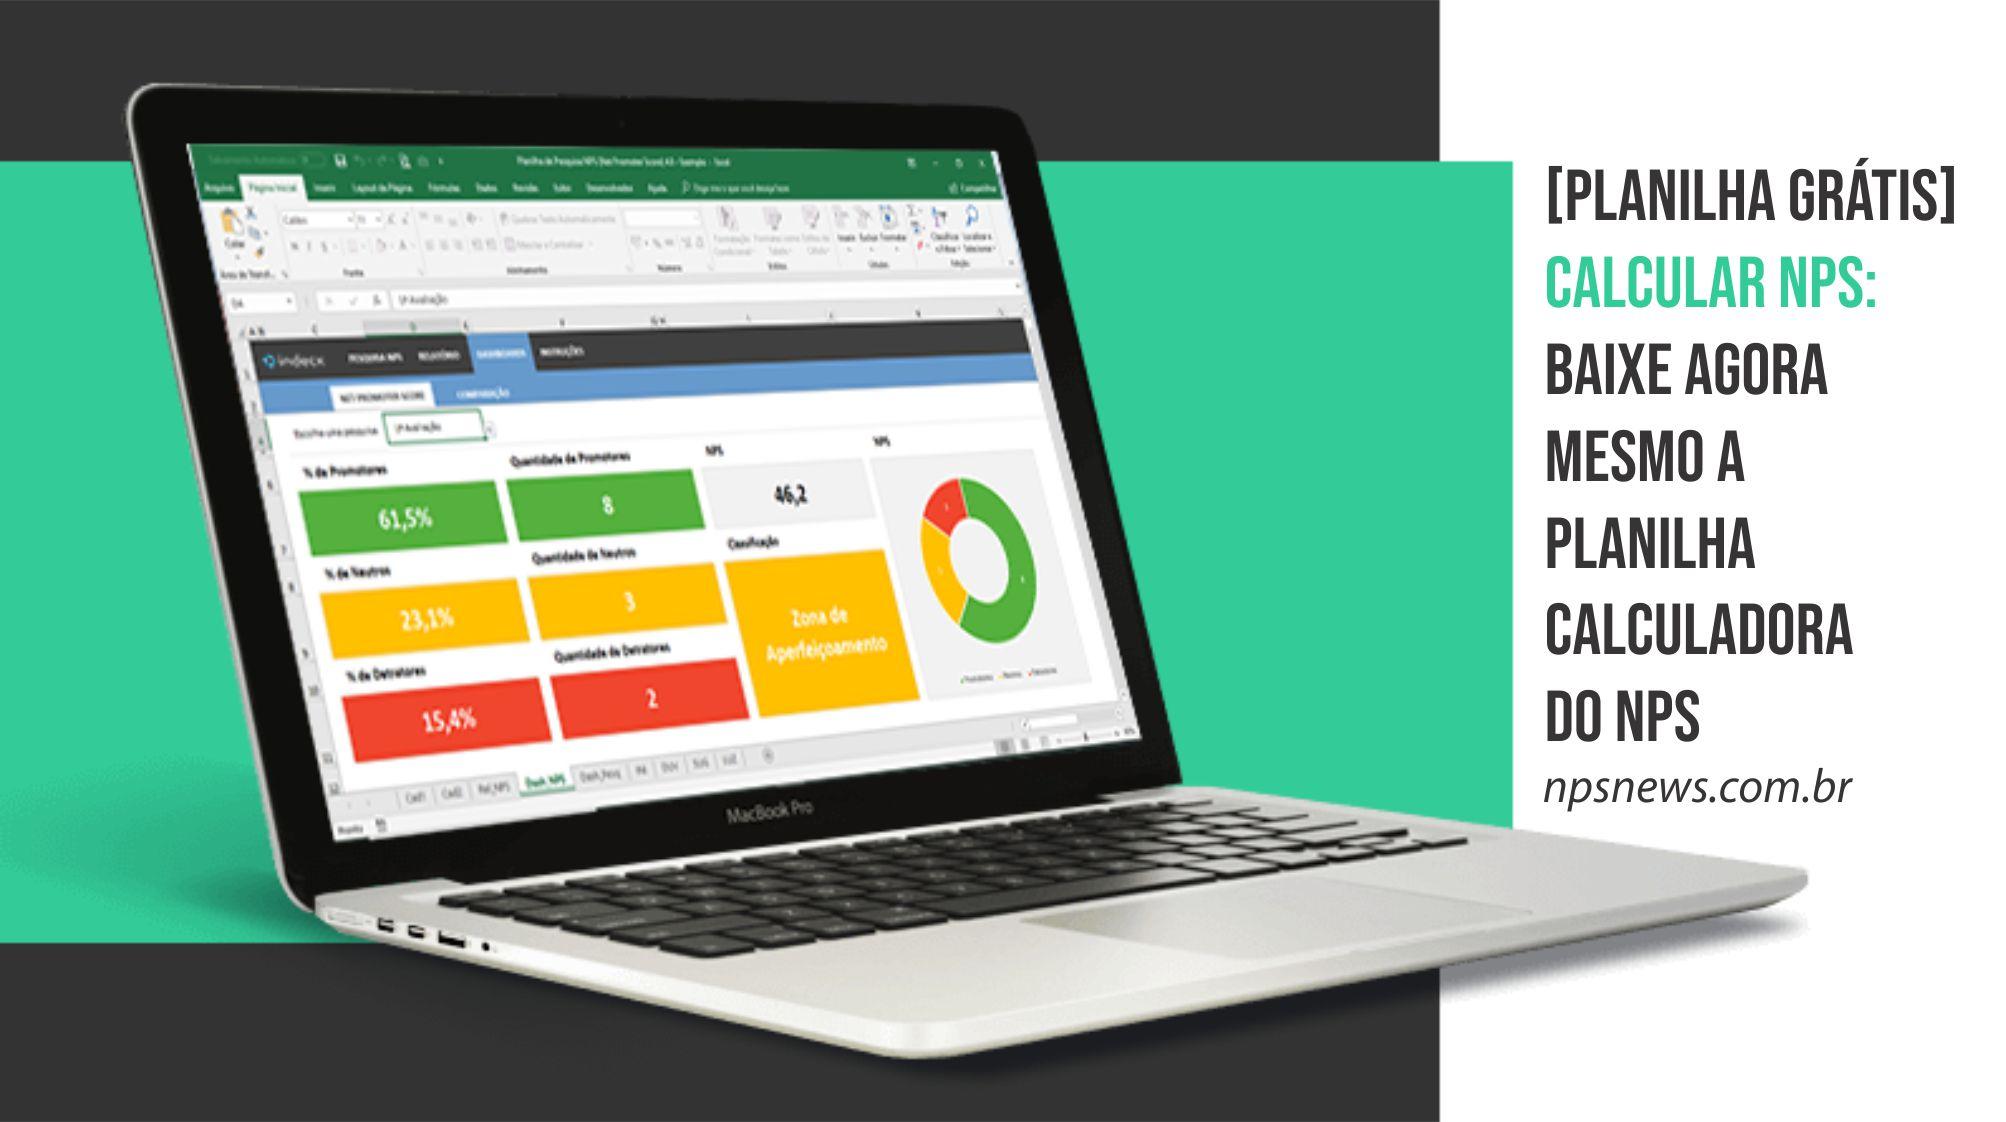 planilha-gratis-calcular-nps-calculadora-net-promoter-score-indecx-satisfacao-de-clientes